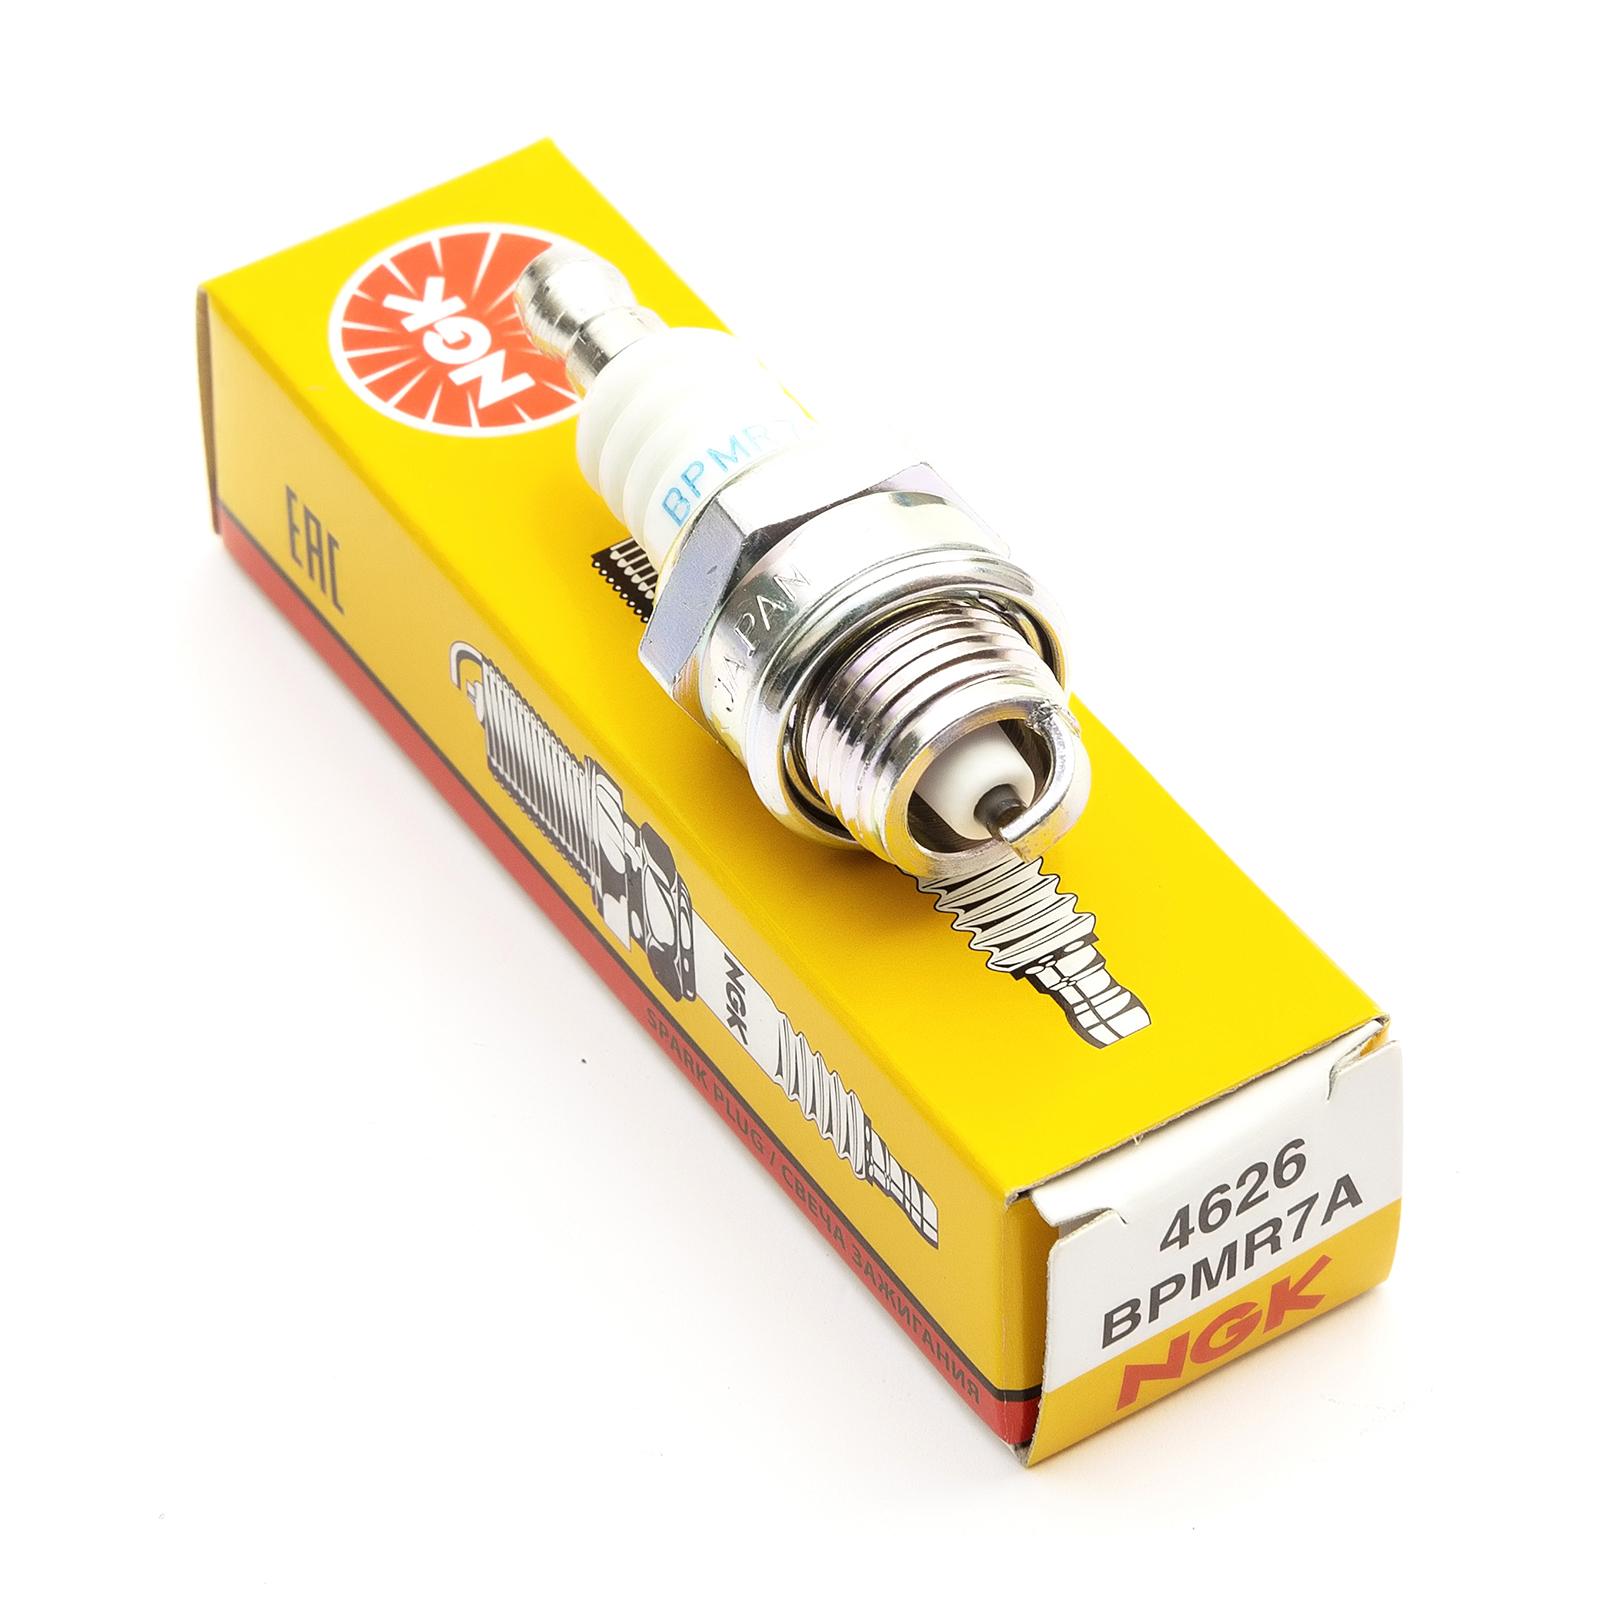 2x  NGK BPMR7A Spark Plug 6703 for Echo /& Stihl Chainsaw